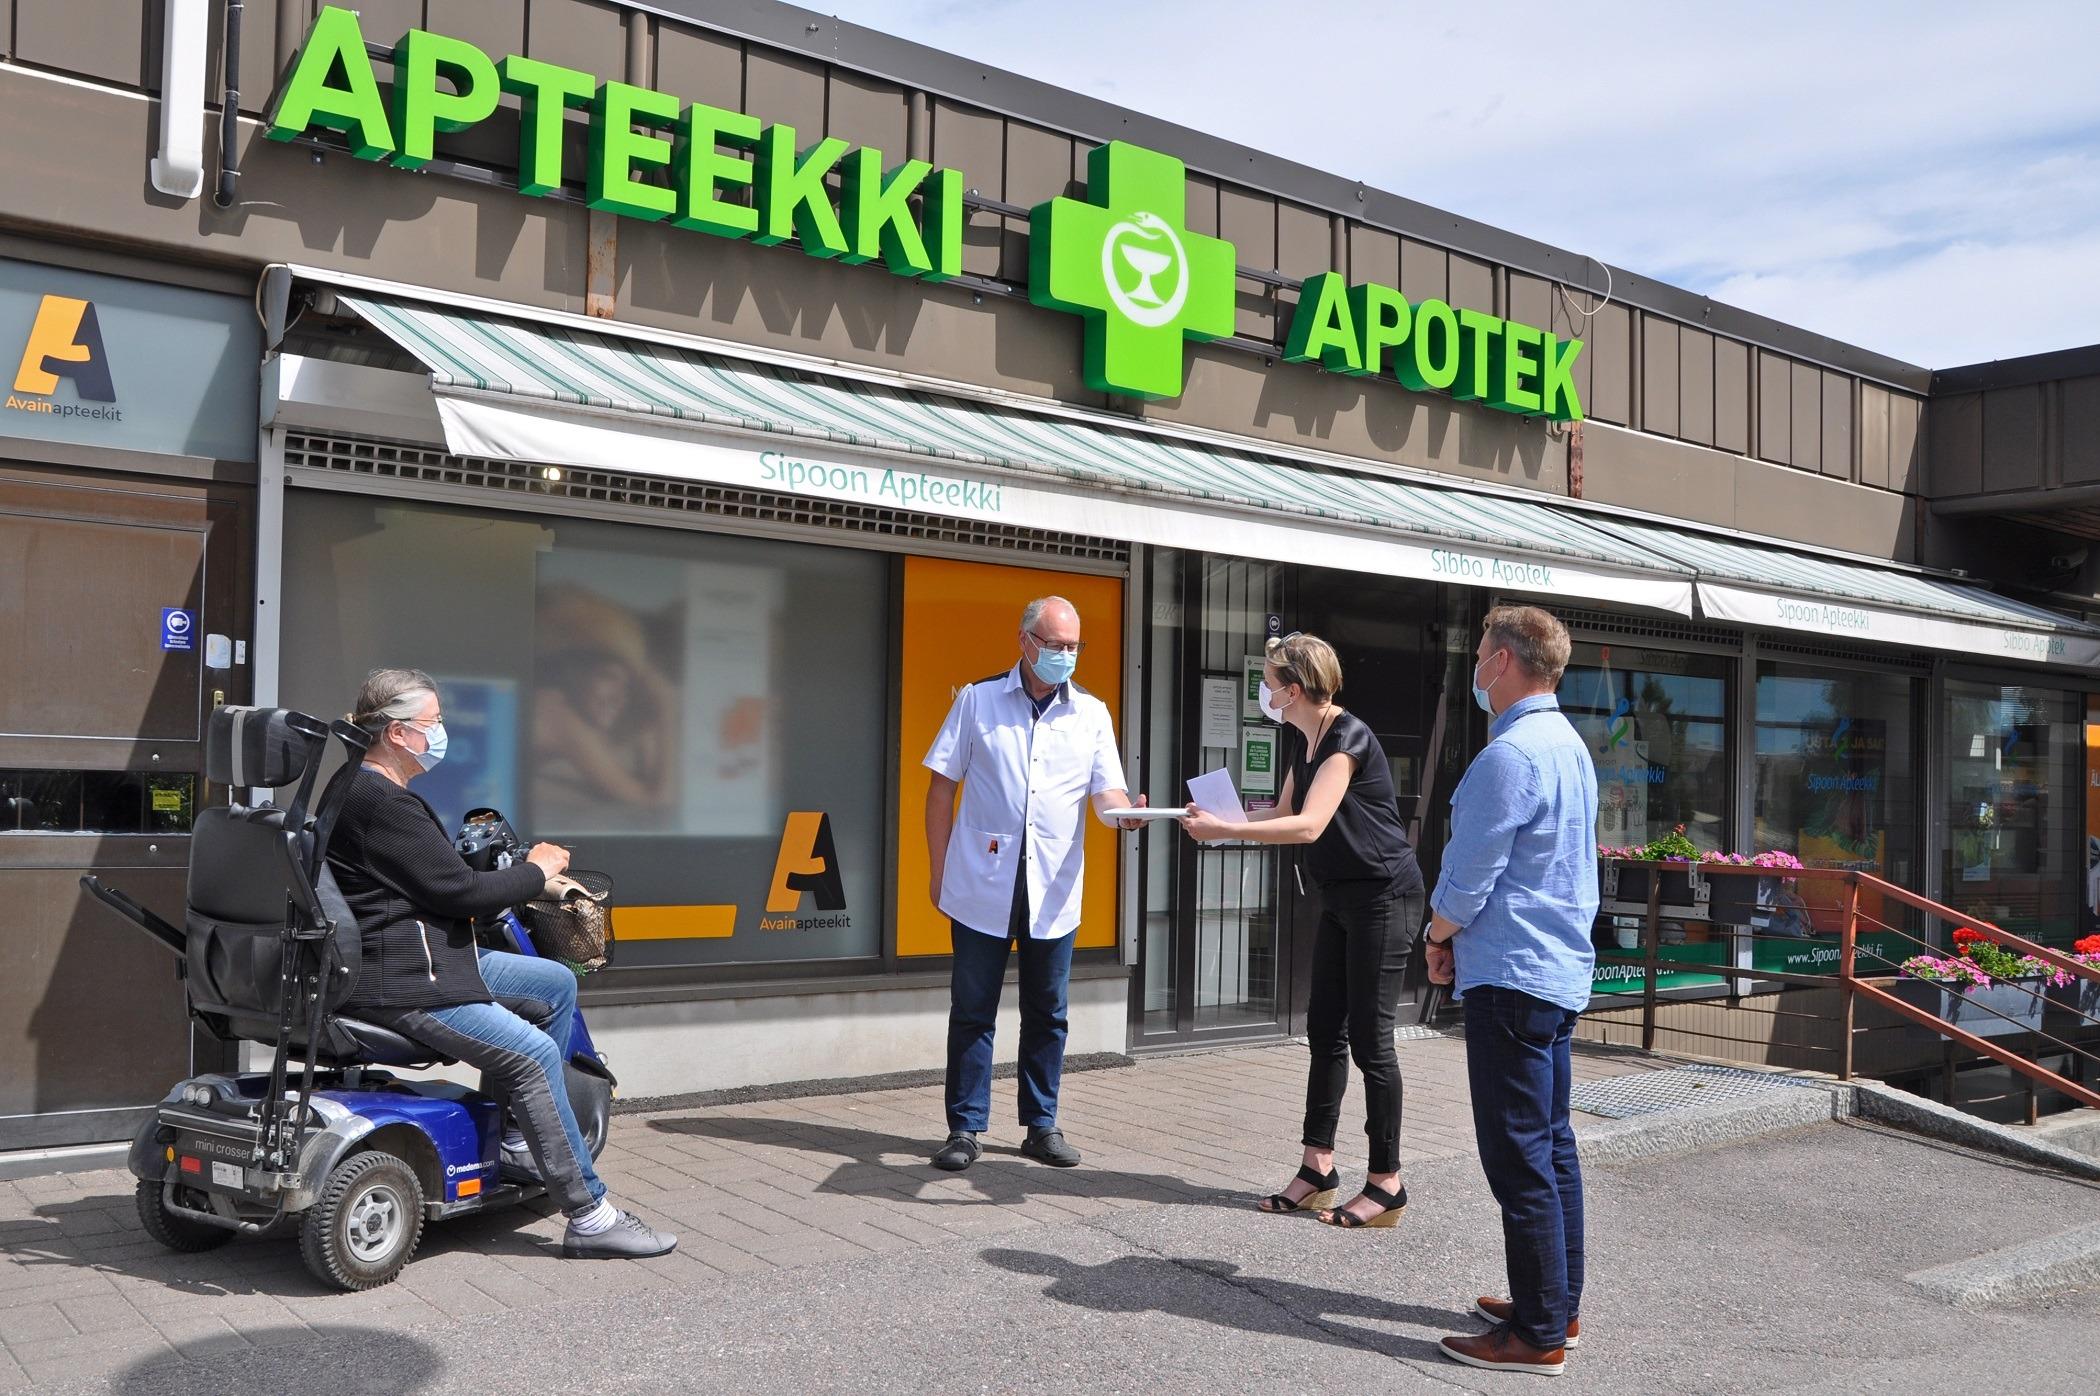 Jukka Suhonen, Tuula Räikkönen och näringschef Elina Duréault uppvaktar apotekaren Hans Fock framför Sibbo Apotek.